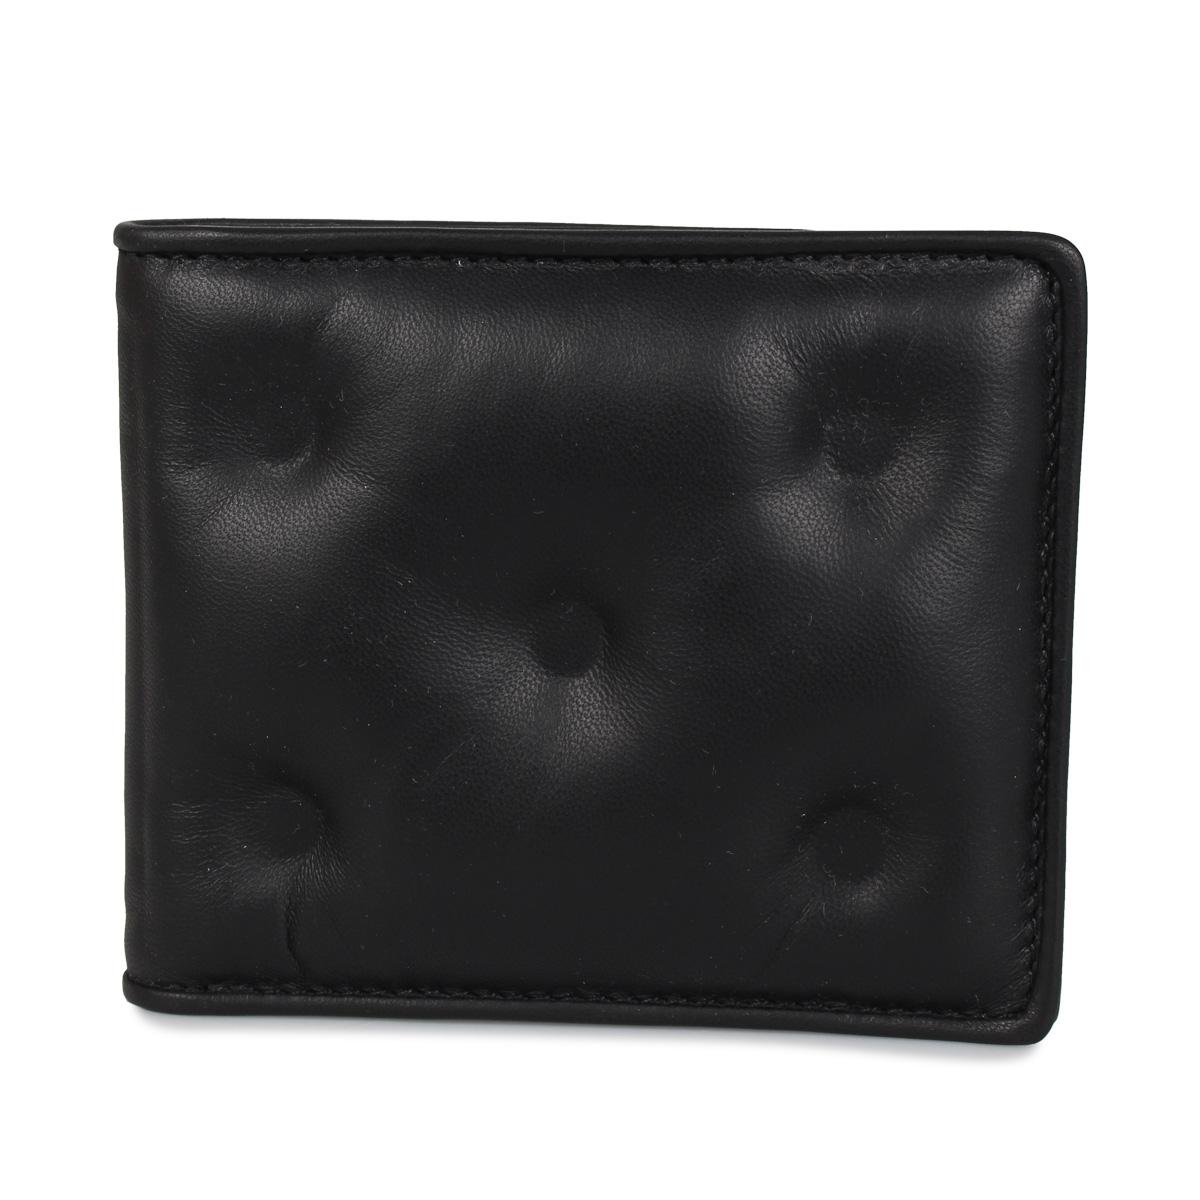 MAISON MARGIELA WALLET メゾンマルジェラ 財布 二つ折り メンズ レディース ブラック 黒 S55UI0280 [7/15 新入荷]